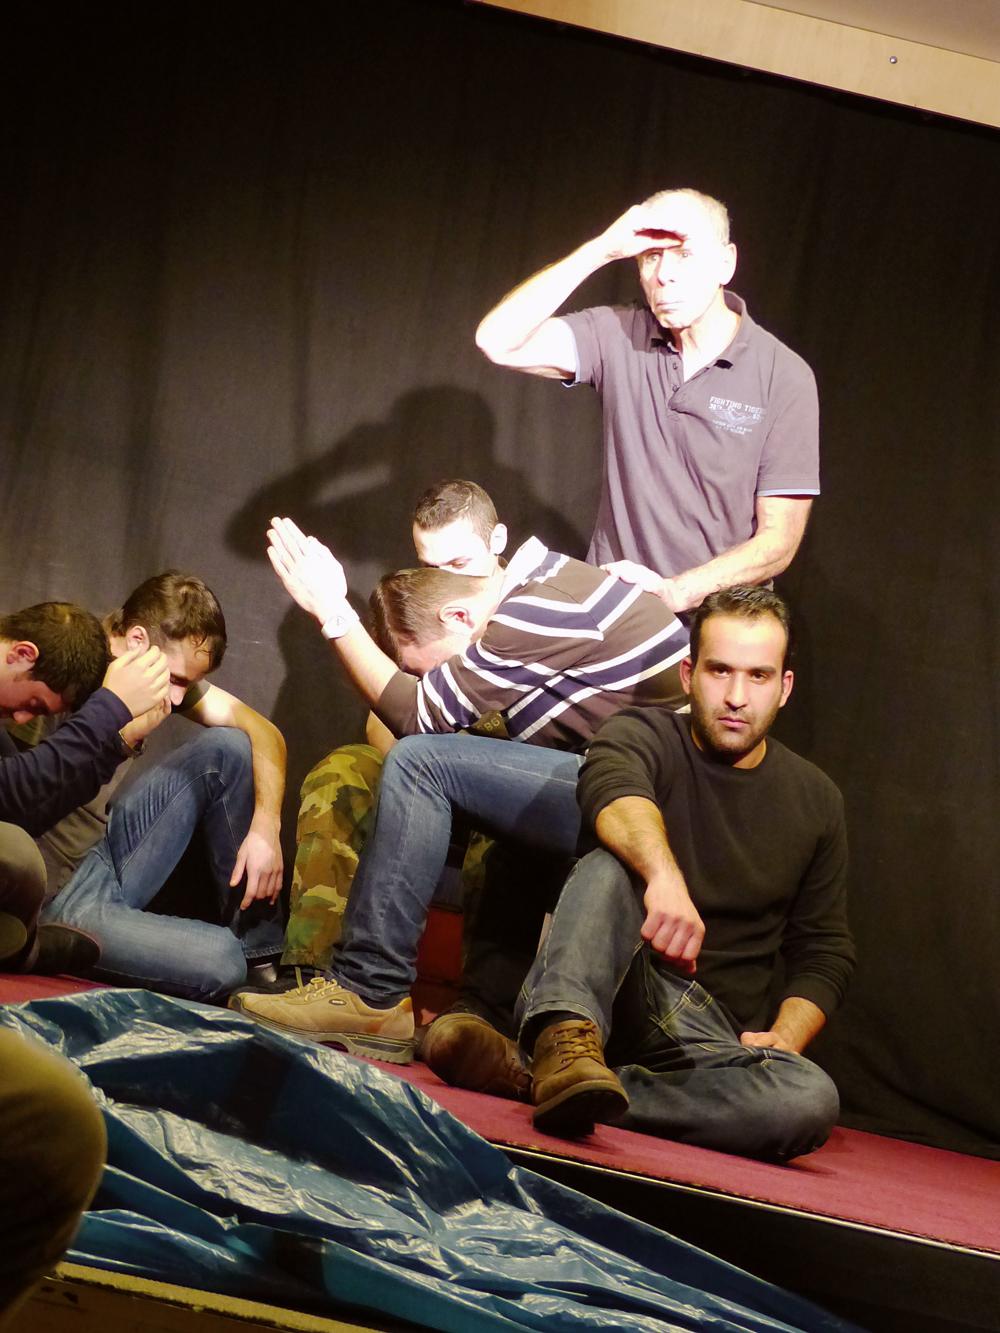 Werkstattaufführung der Theatergruppe Kaleidoskop, Foto: Ulrike Krogmann